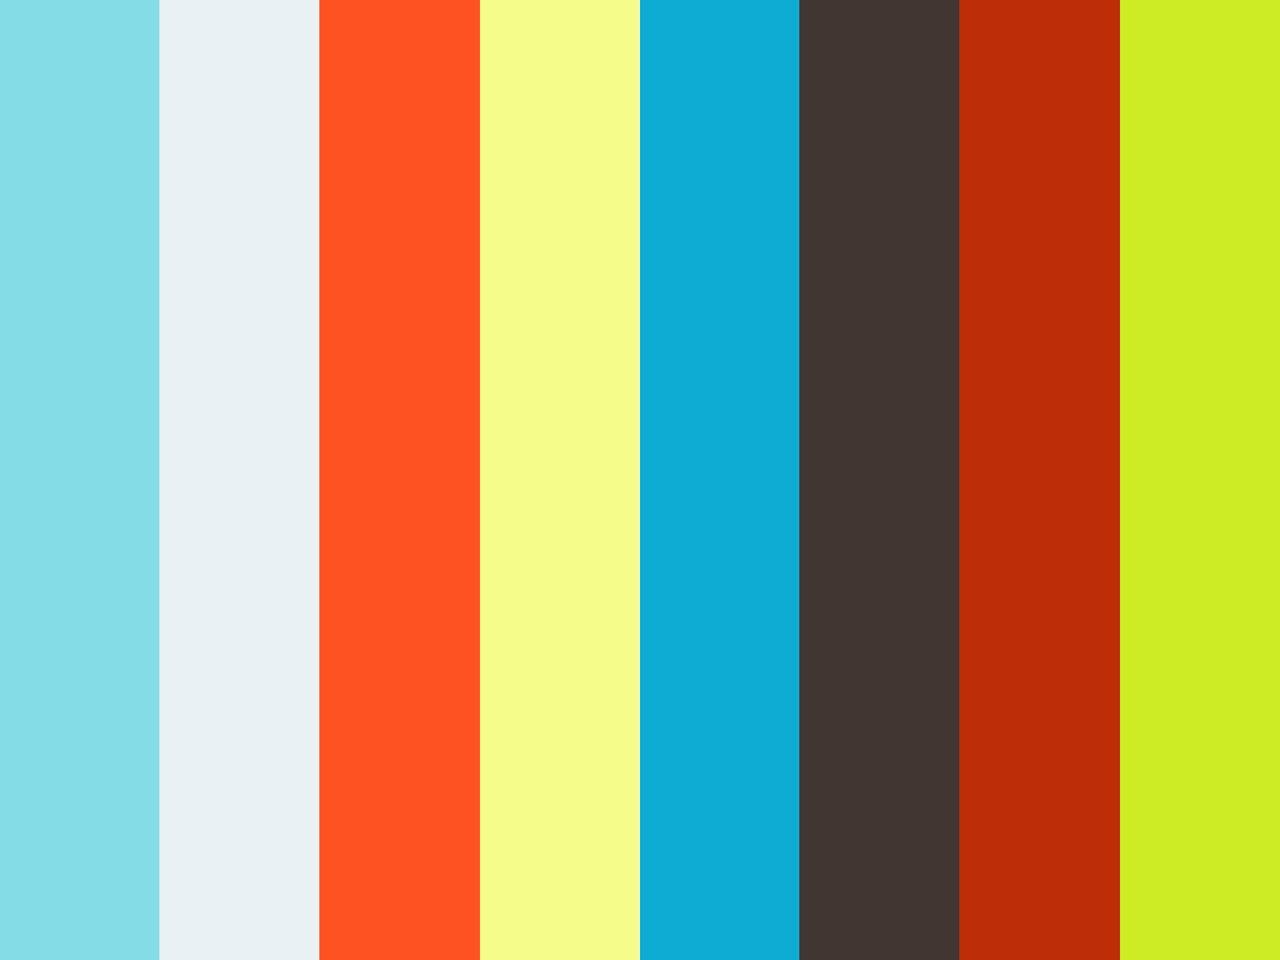 Philips | Design Manifesto